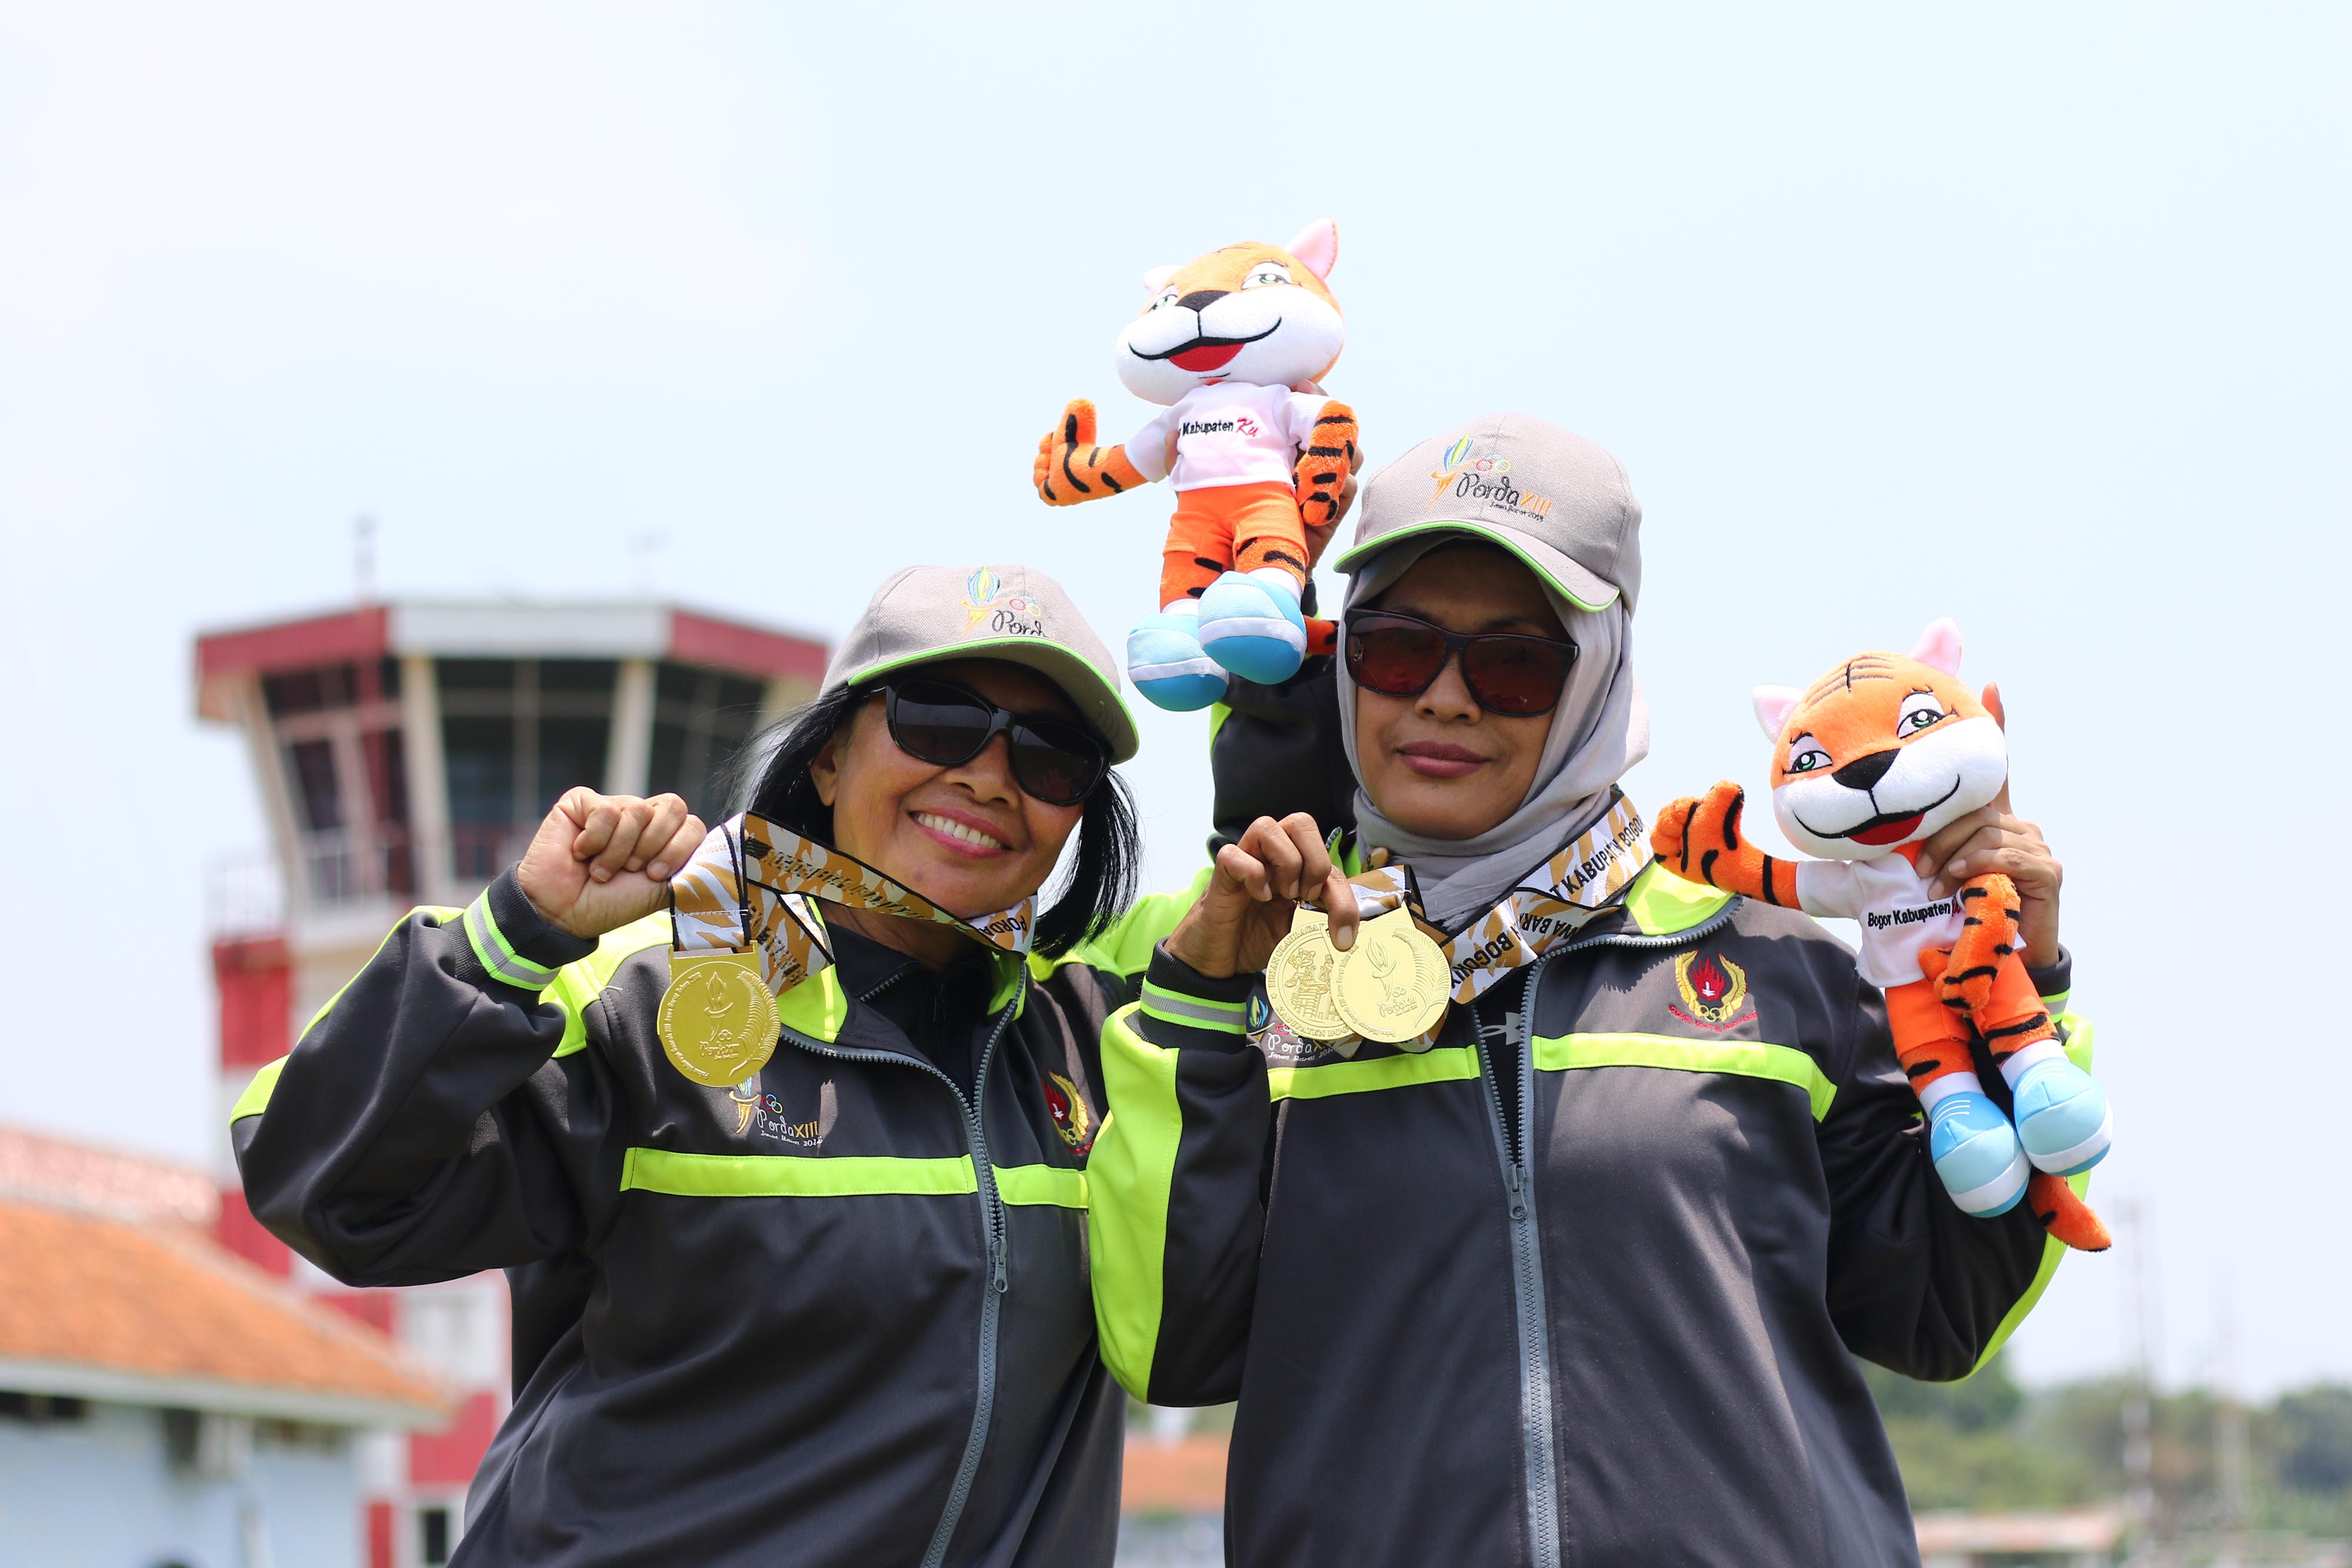 Atlet Terjun Payung Kota Depok, Tuti Lestari (kanan) dan Dede (kiri),berpose dengan medali emas yang berhasil mereka raih pada PORDA JABAR XIII-2018 di Lanud. Atang Sendjaja, Semplak, Bogor pada Sabtu (29/9) siang. Tuti berhasil mempersembahkan medali emas untuk Kota Depok di nomor Ketepatan Mendarat Perorangan dan Beregu Putri, sedangkan Dede meraih medali emas di nomor Ketepatan Mendarat Beregu Putri. KONI KOTA DEPOK/Faruqi/2018